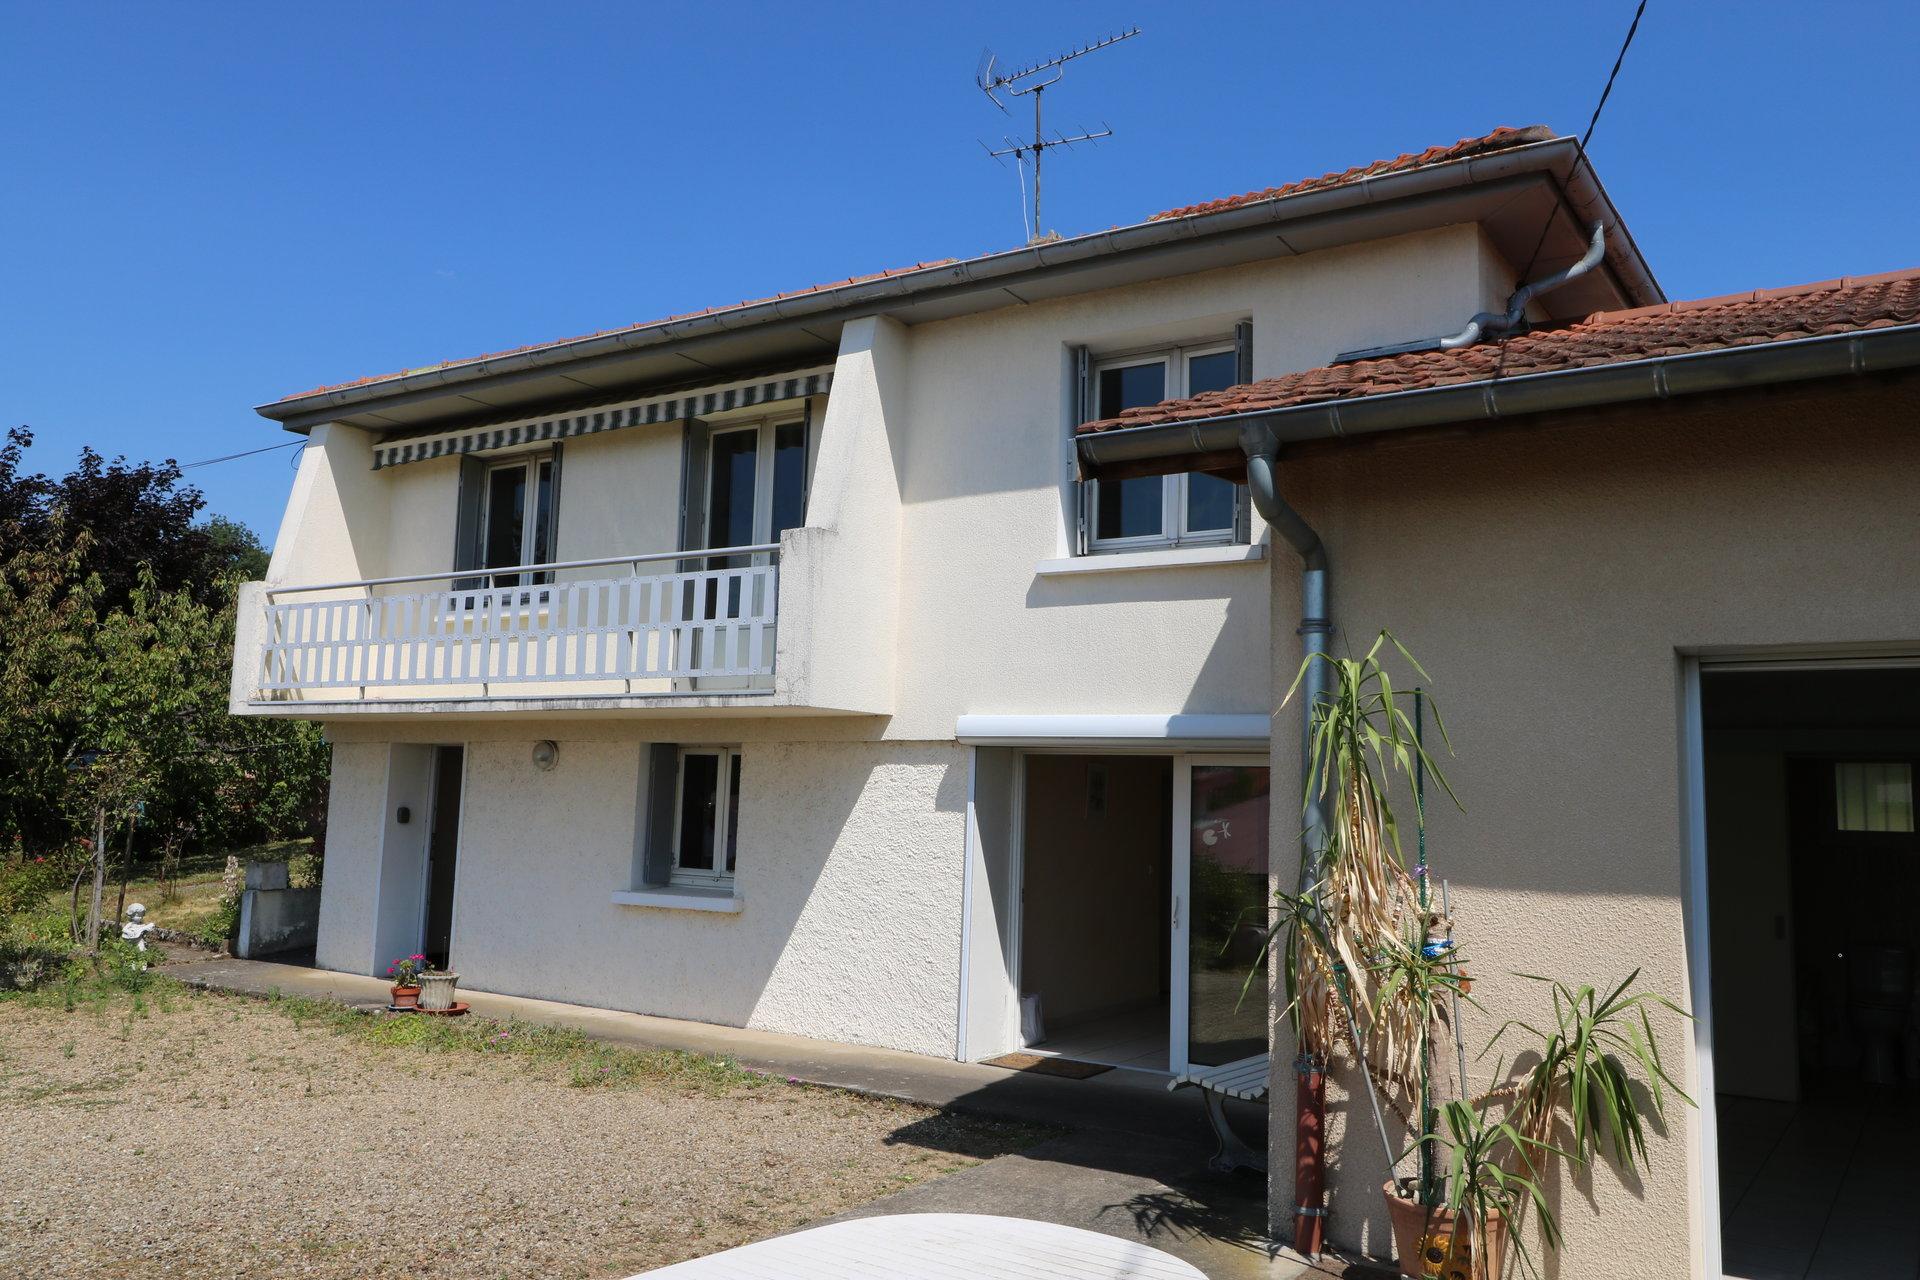 maison 5 pièces sur 660 m² de terrain